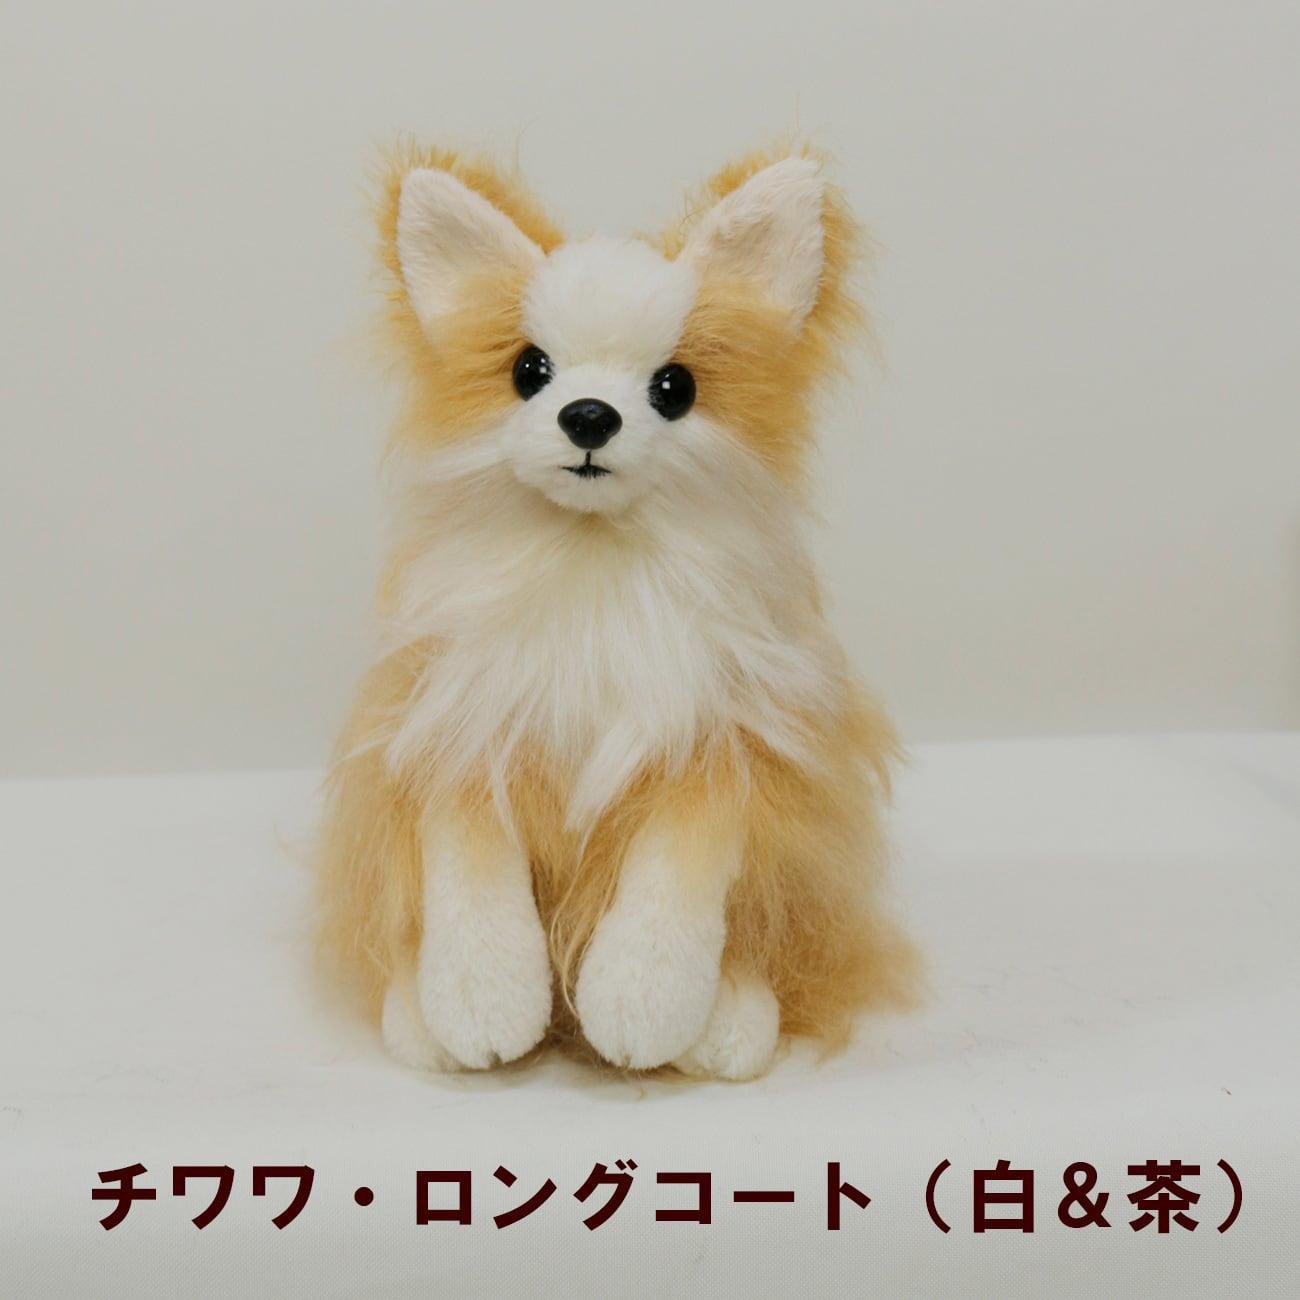 【手作りキット】チワワ(ロングコート白&茶)